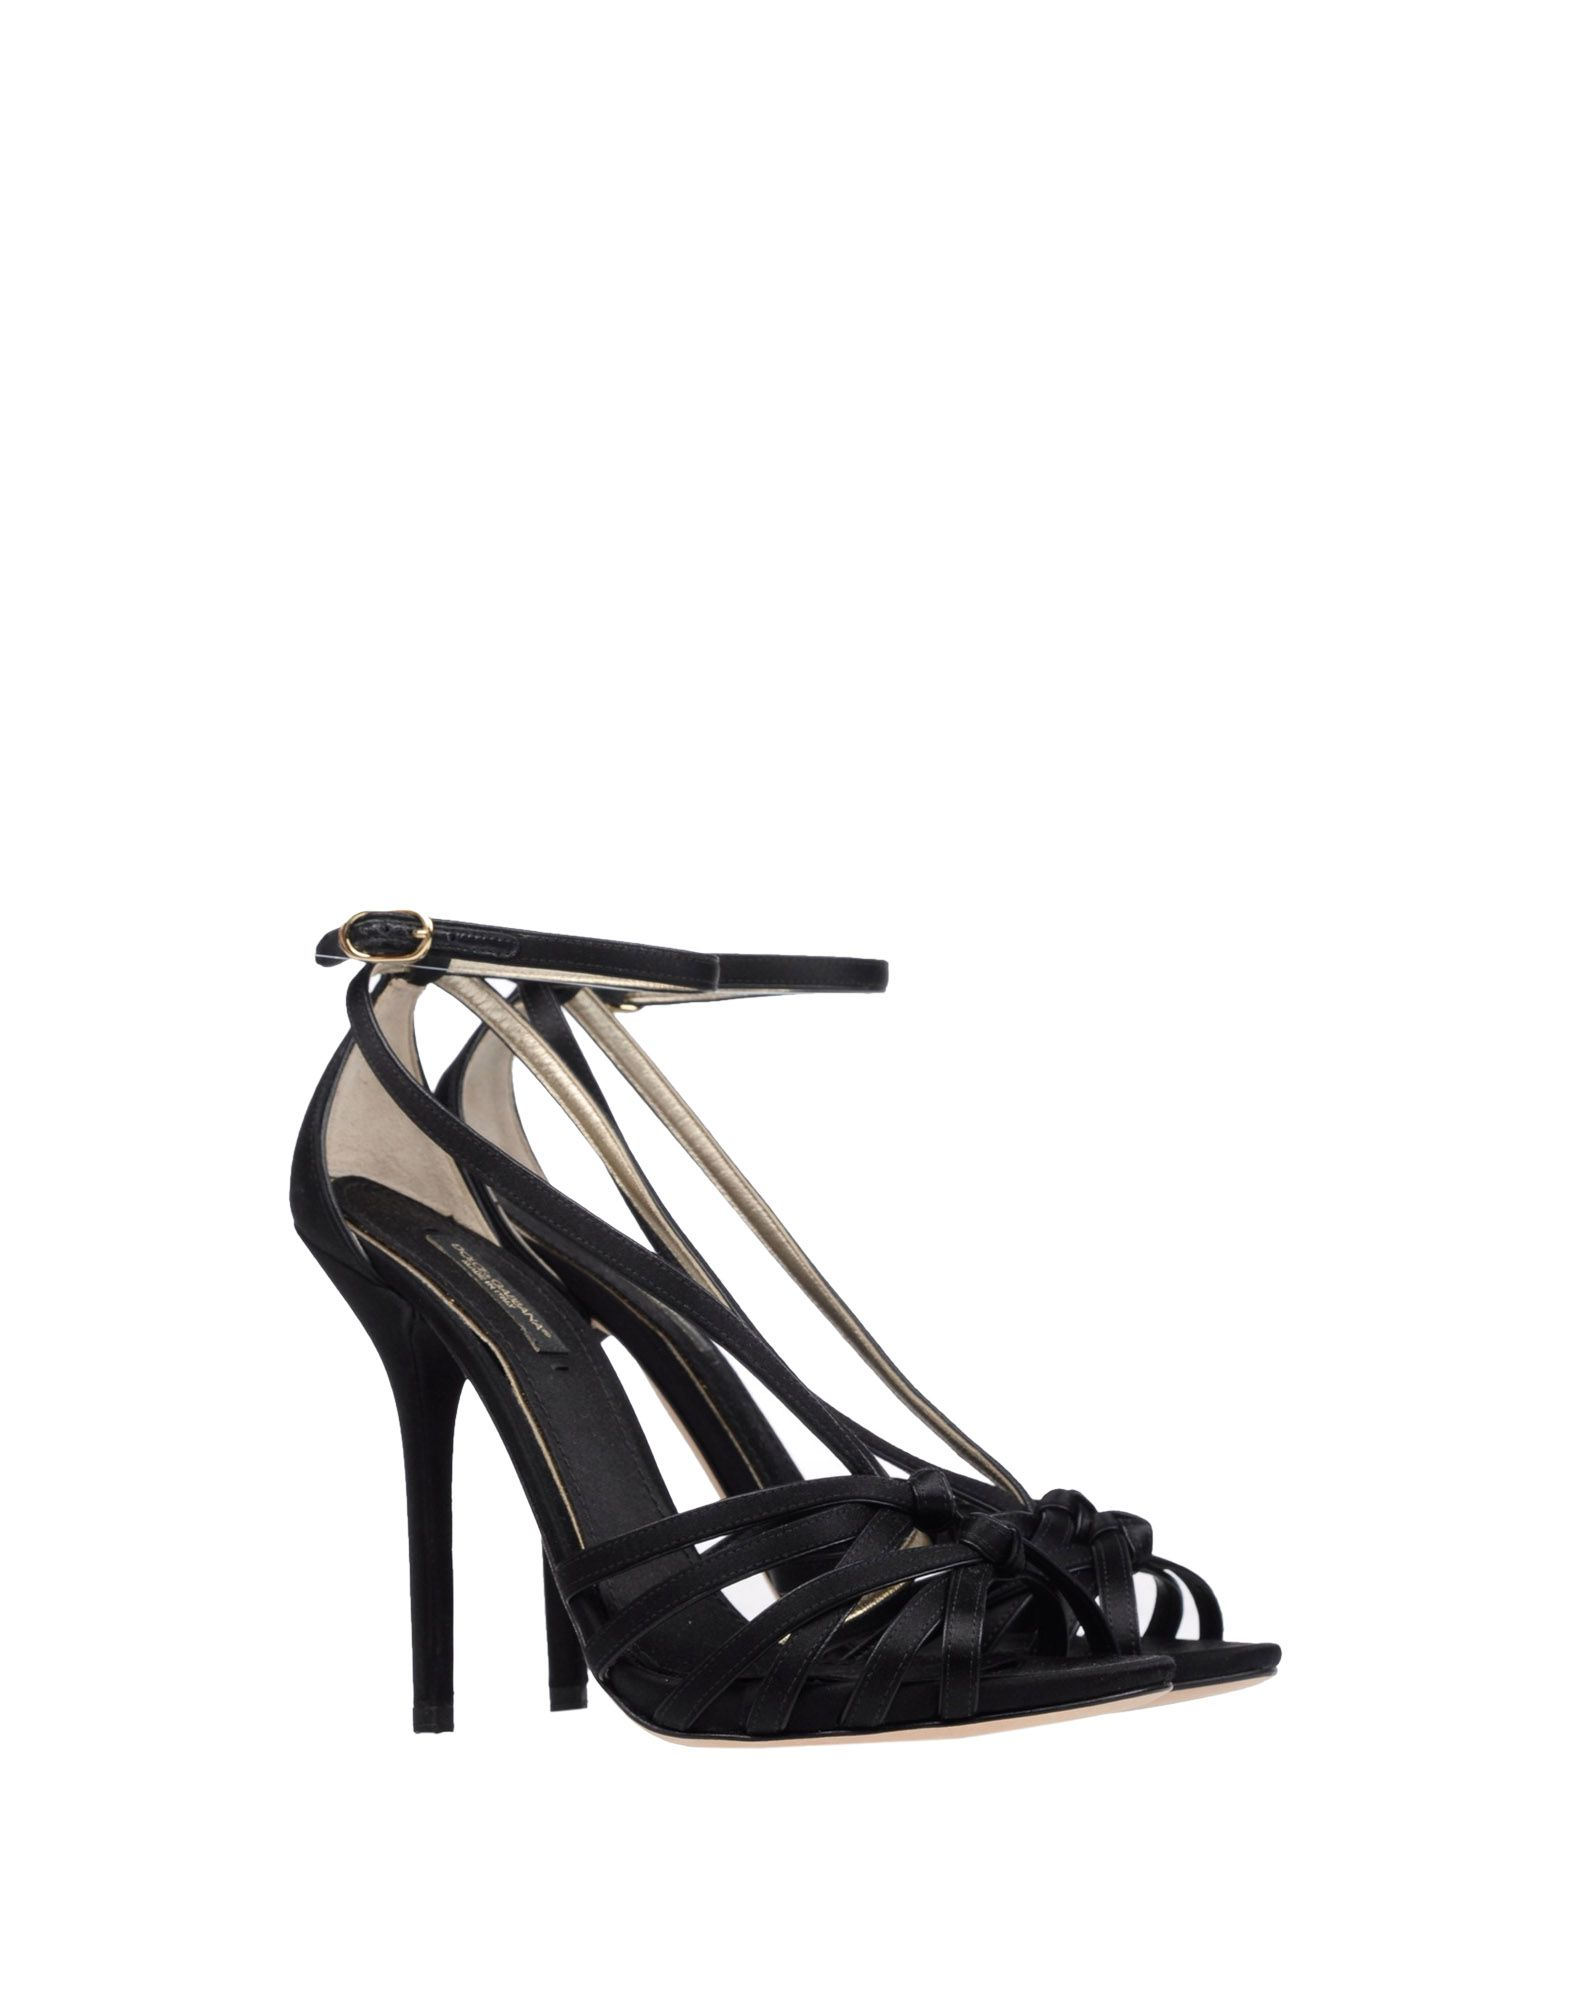 Sandales Dolce & Gabbana Femme - Sandales Dolce & Gabbana sur